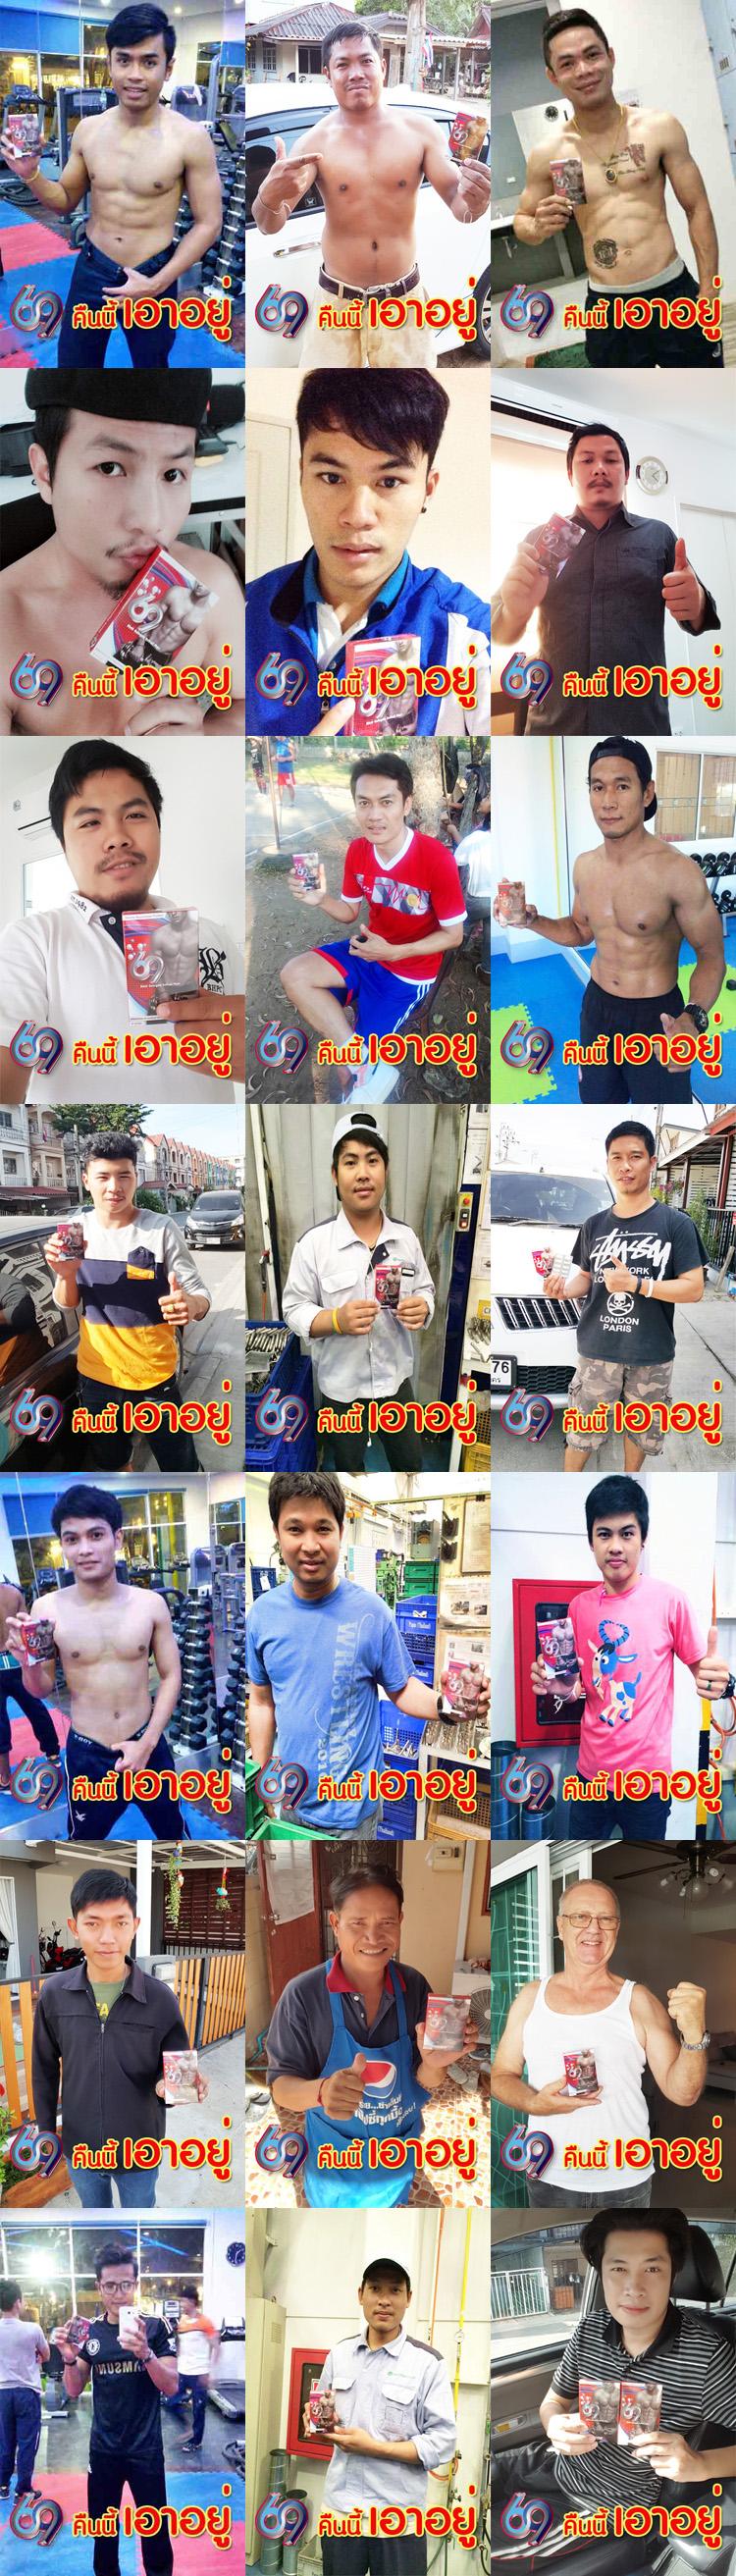 ยาทน pantip - รีวิว ยาทน69 ดียังไง - ยาทน69 - สุดยอด ยาทน อาหารเสริมผู้ชาย ปี2018 - ยาทน - อาหารเสริมสำหรับผู้ชาย ยาทน69 -Design By Welove69official.com